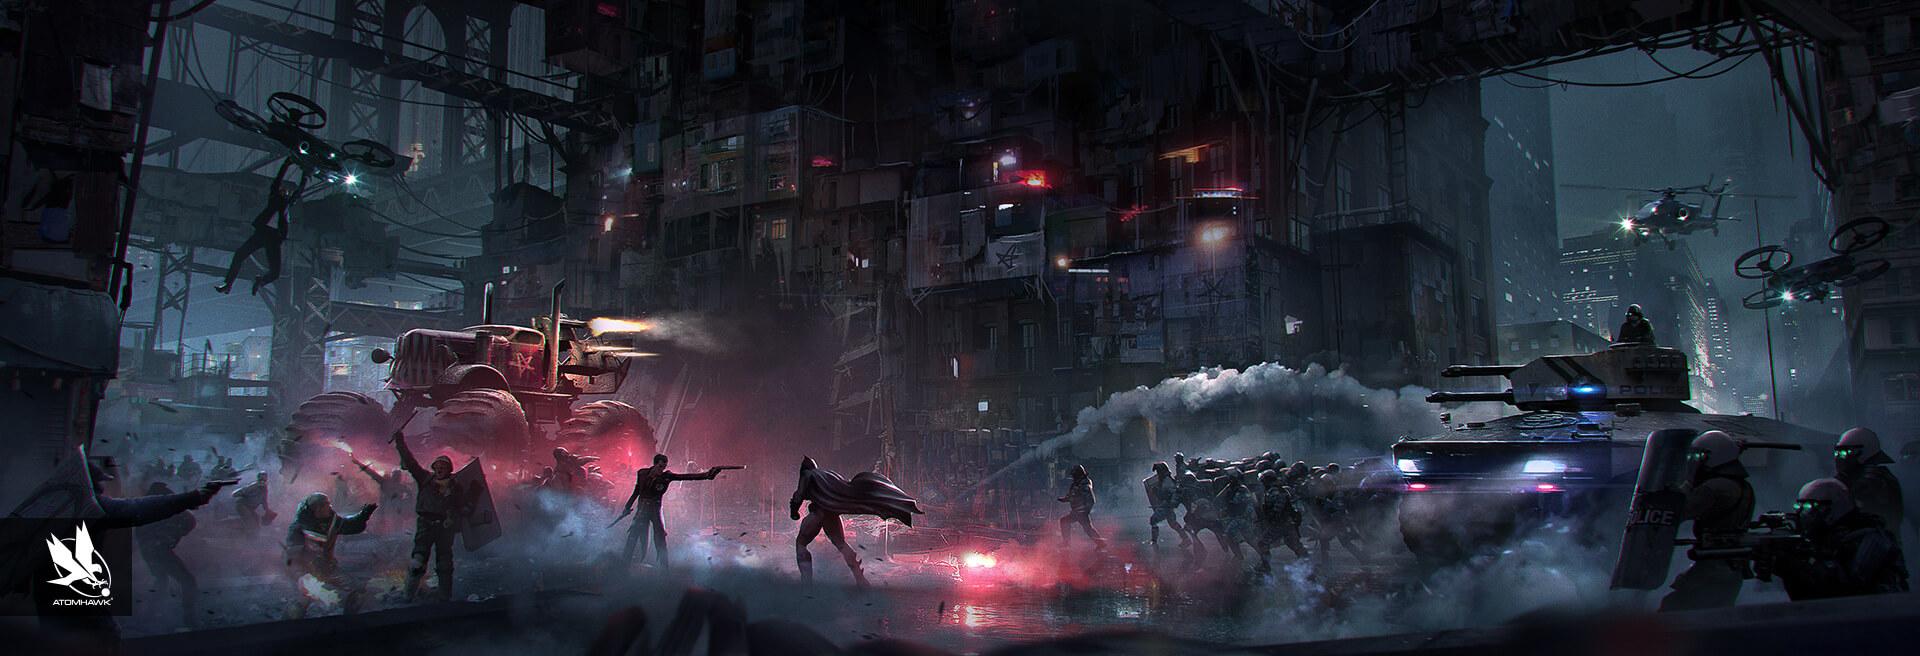 Atomhawk_Warner-Bros-NetherRealm_Injustice-2_Concept-Art_Environment-Design_Gotham.jpg